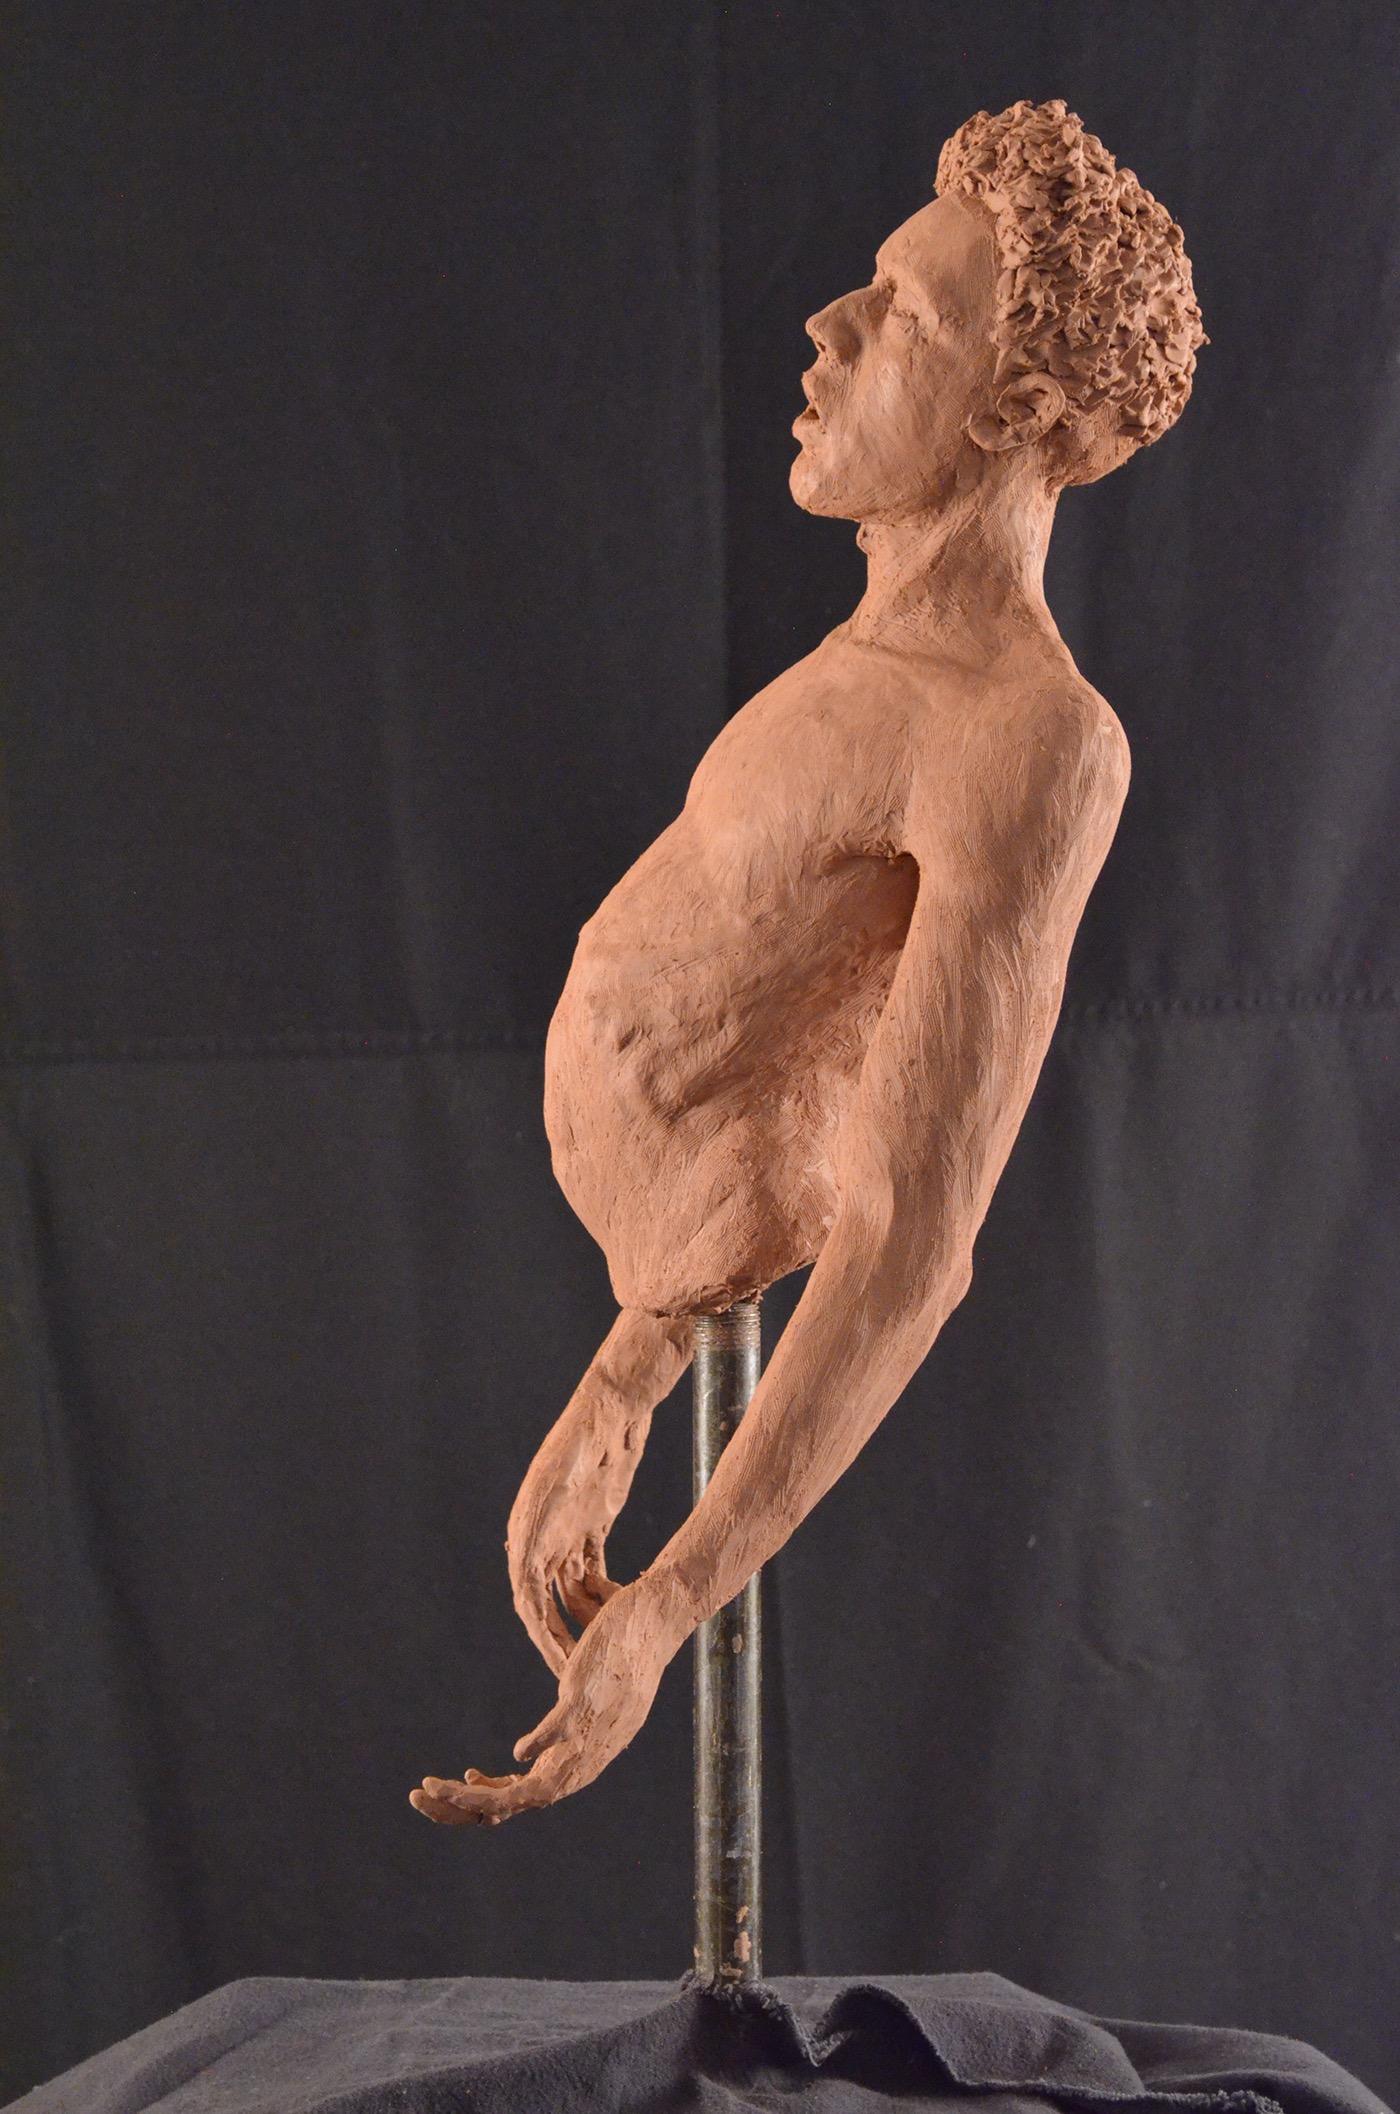 figure modeling figure sculpture